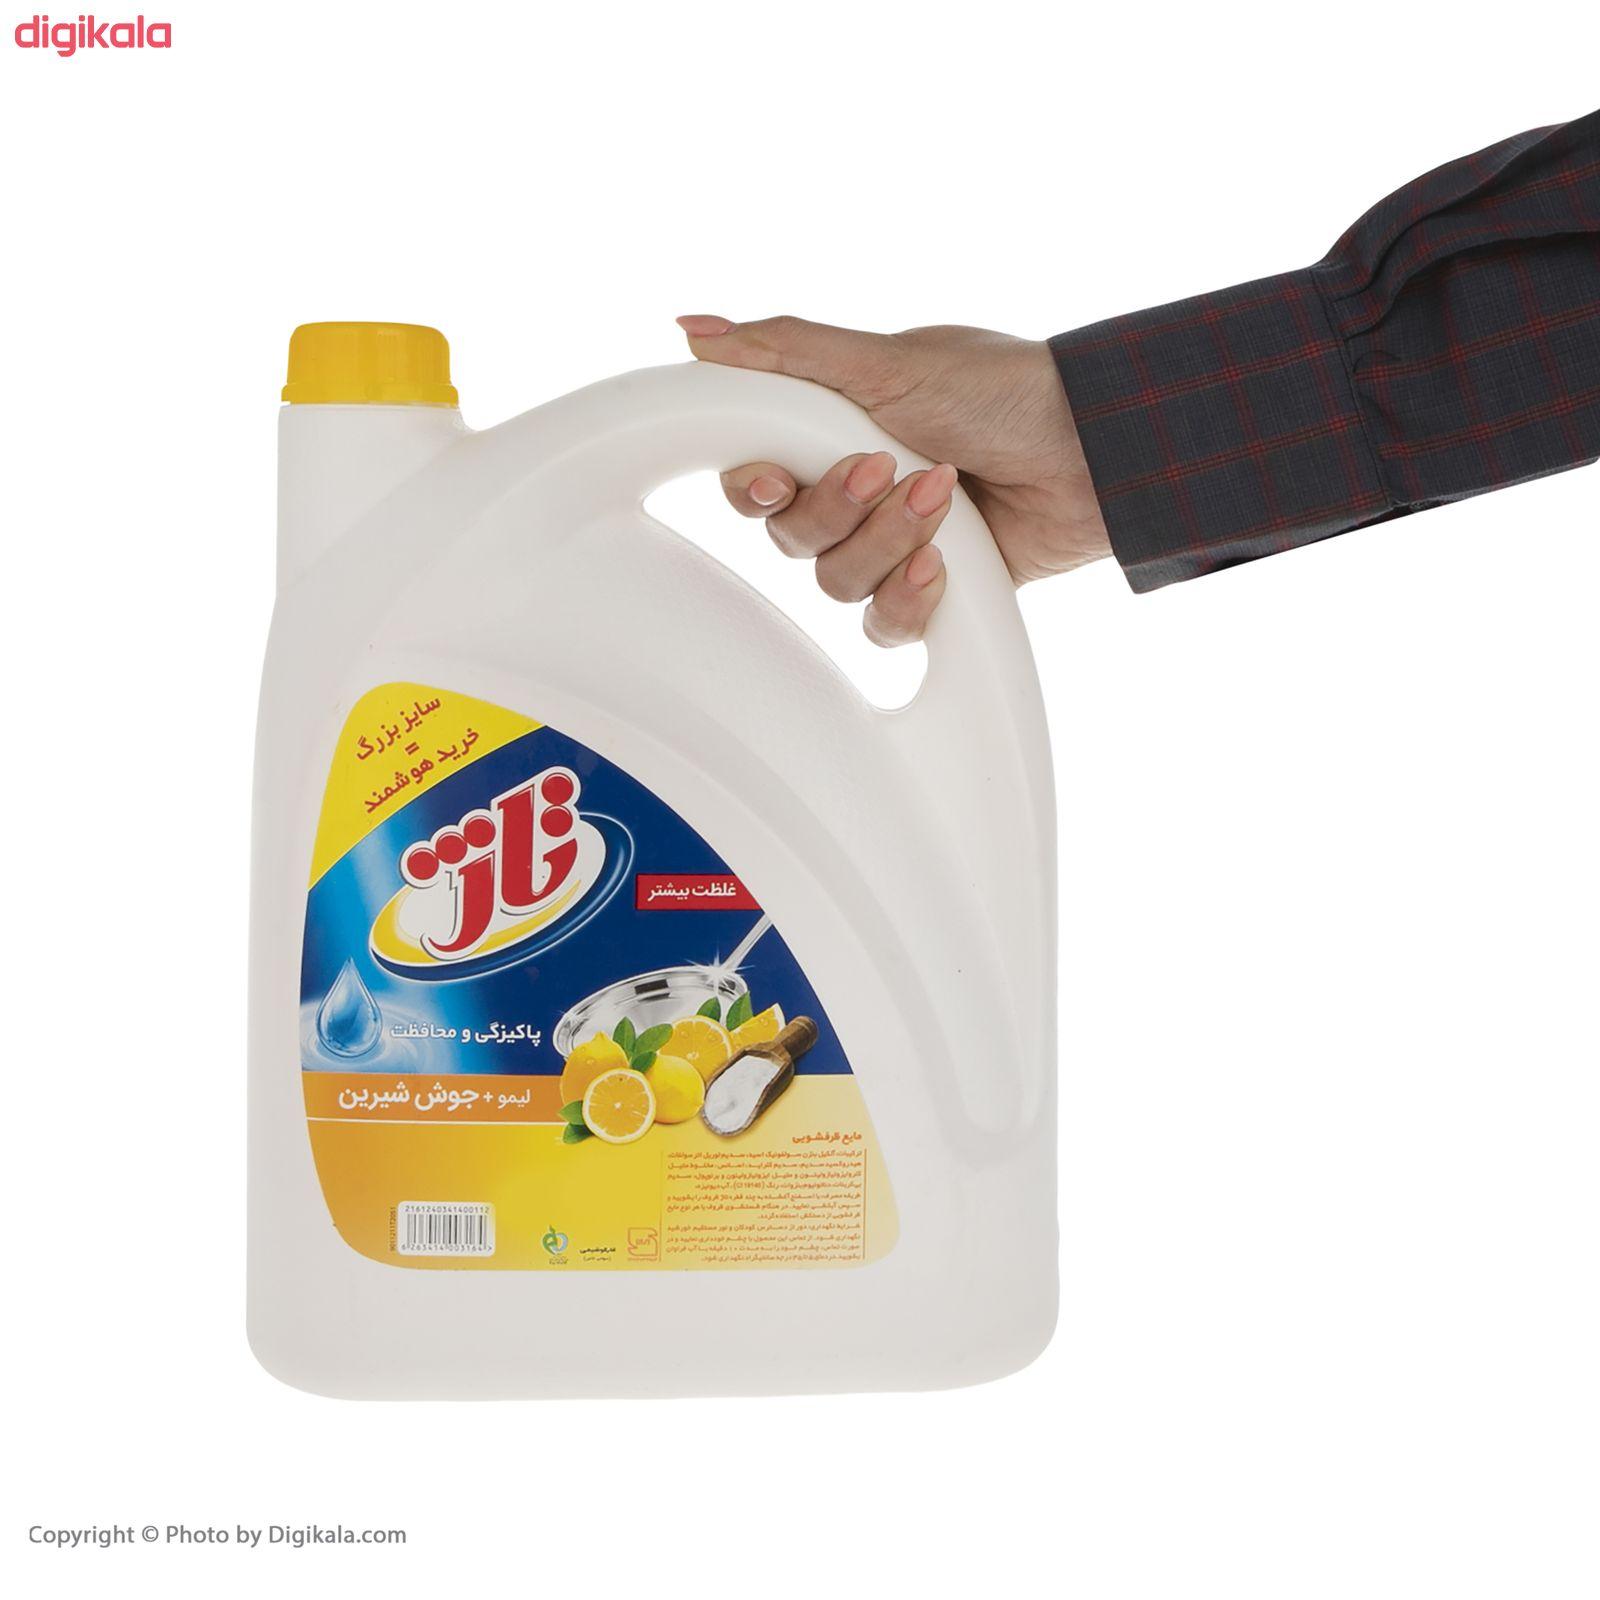 مایع ظرفشویی تاژ حاوی جوش شیرین با رایحه لیمو زرد مقدار 3.75 کیلوگرم main 1 3